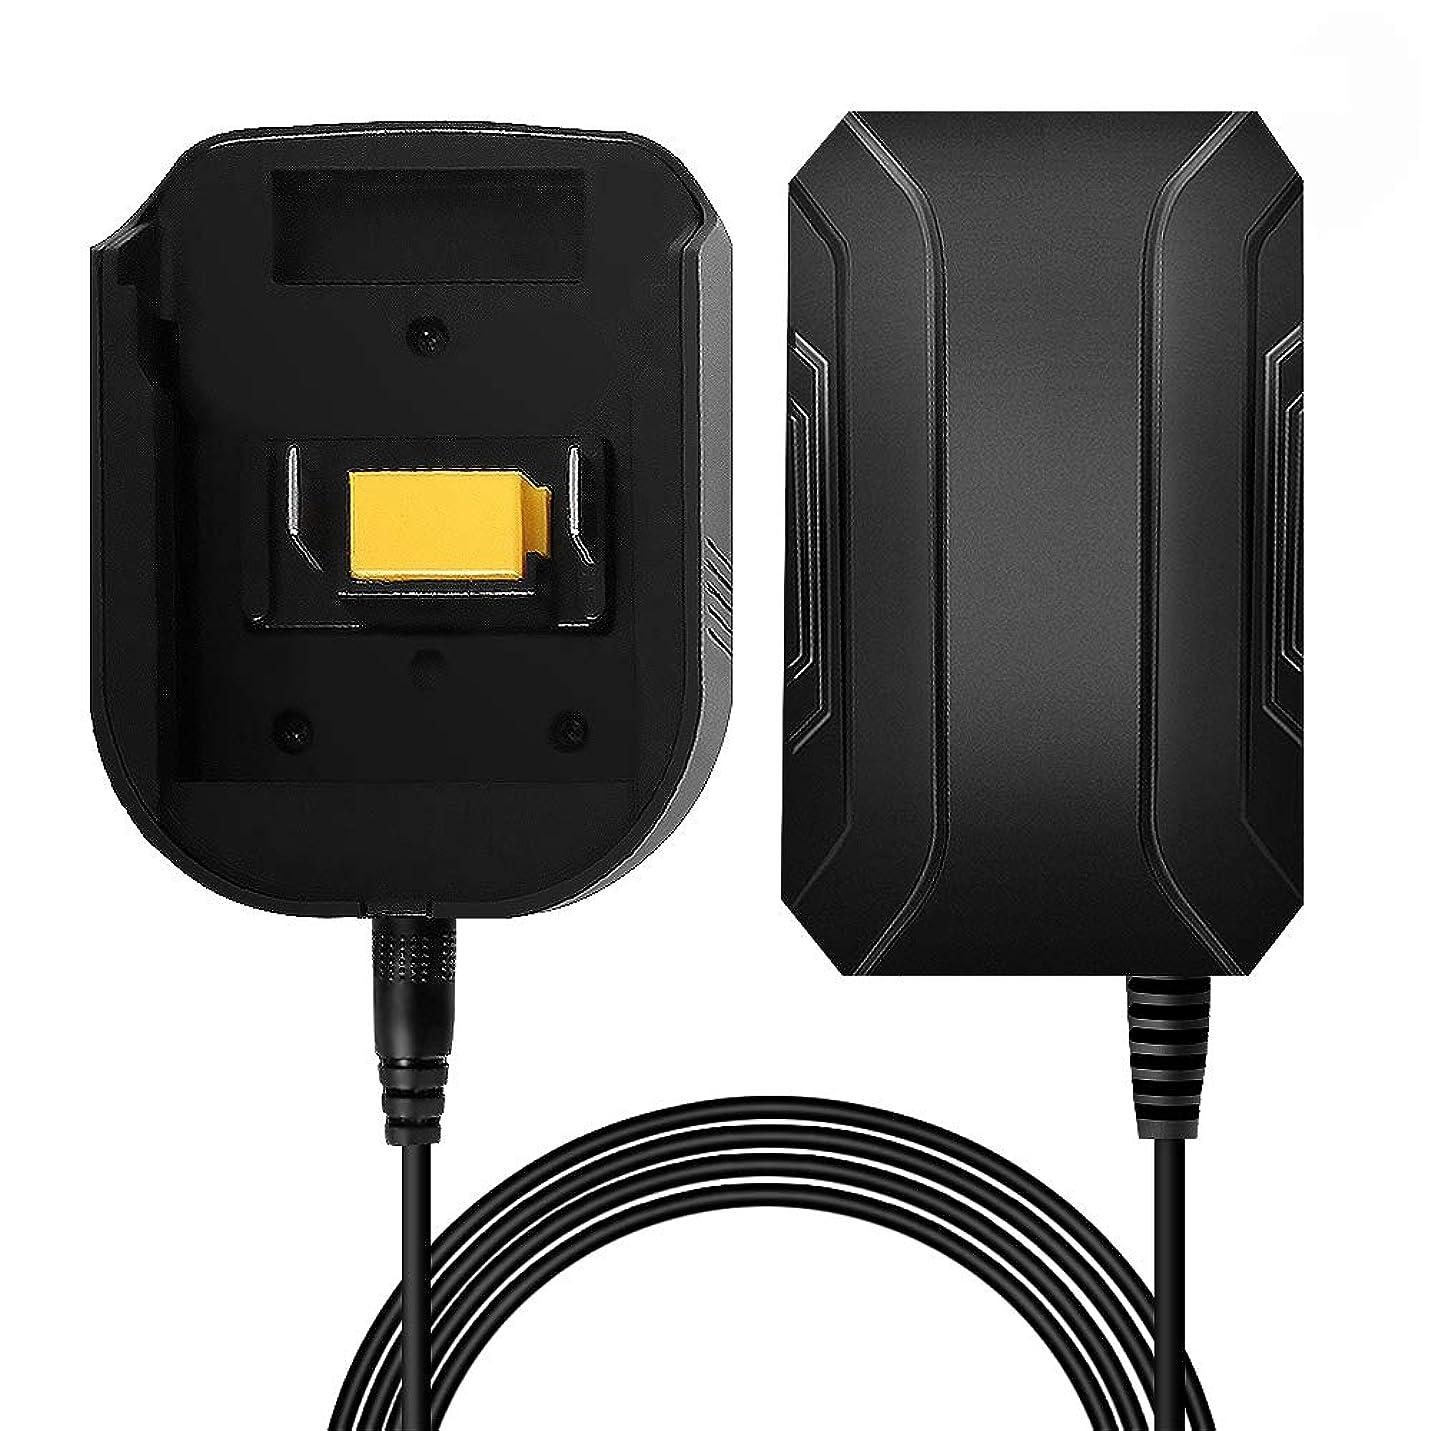 Gakkiti マキタ 14.4V-18V MAK1418-MC 互換充電器 BL1415 BL1840 BL1845 BL1850 LXT200 LXT400 リチウムイオン バッテリー 対応充電器 スライド式バッテリ専用 ライト表示 電動工具バッテリー用 現場用品 1年保証